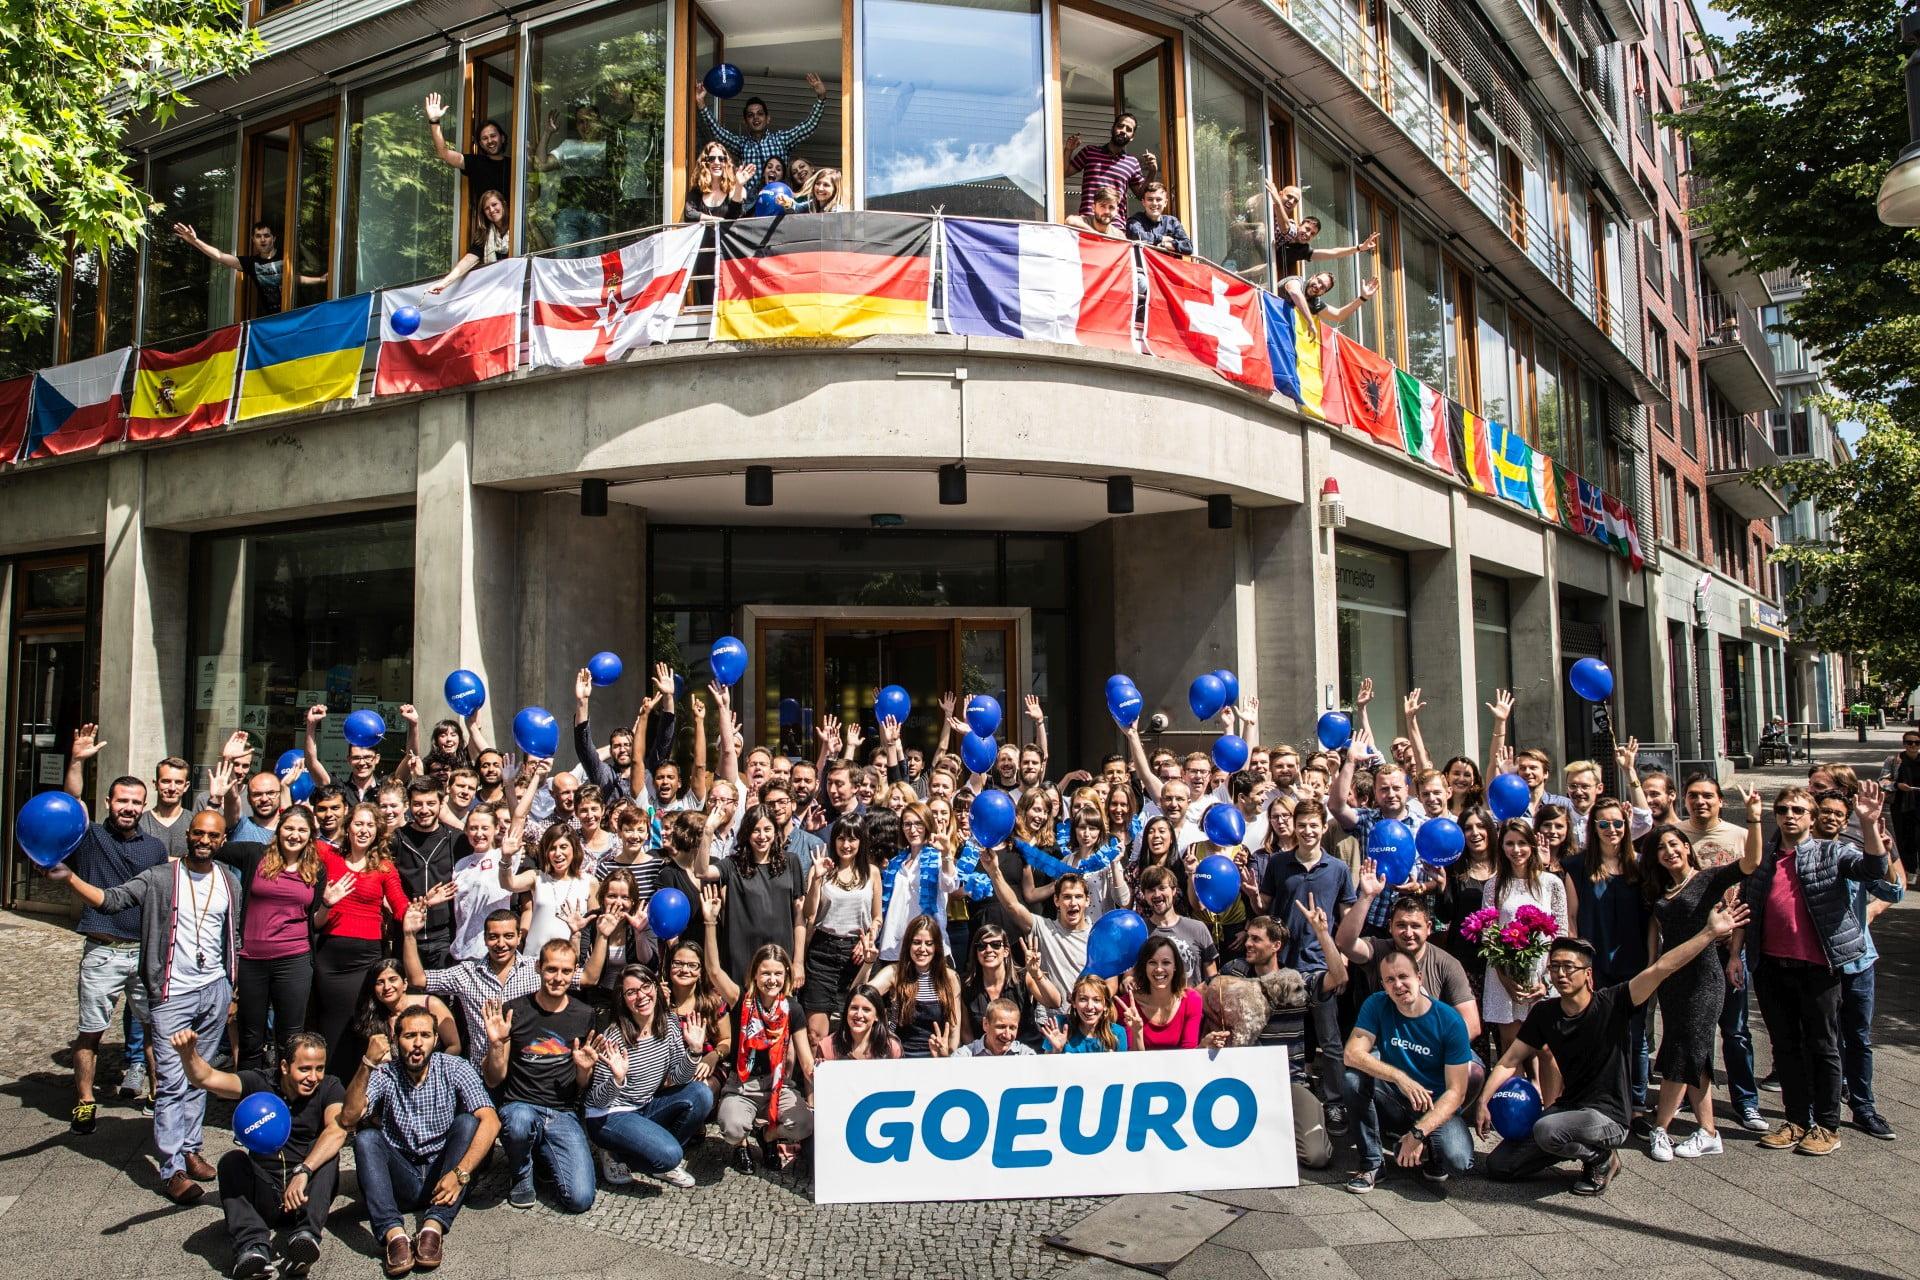 GoEuro w rankingu 10 najbardziej innowacyjnych firm turystycznych